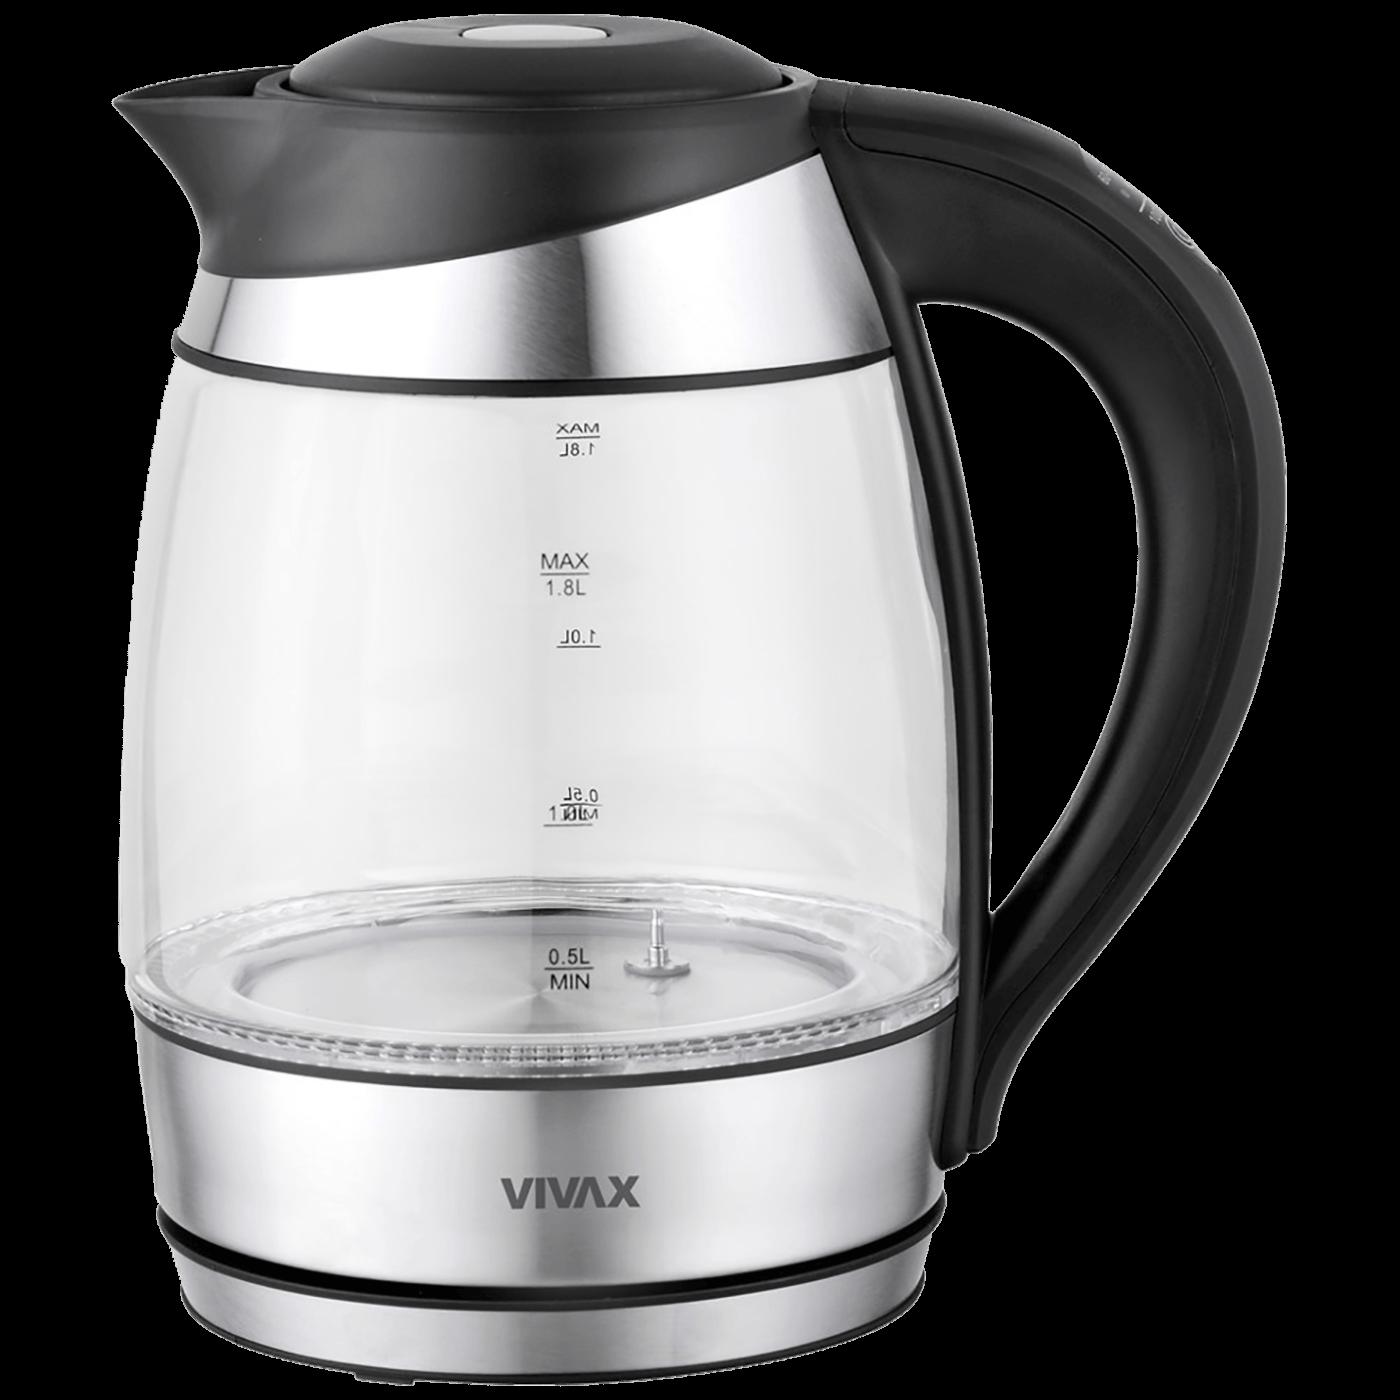 Kuhalo za vodu, snaga 2200W, zapremina 1.8 lit